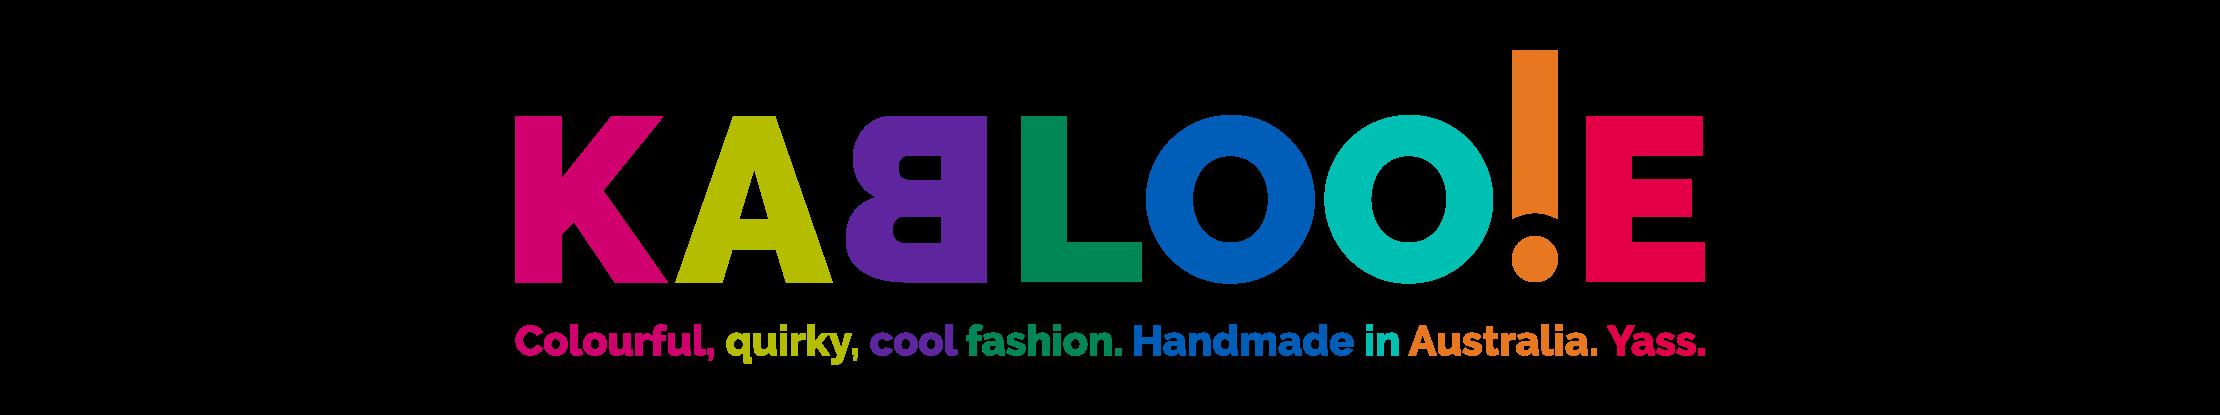 Kablooie Store logo